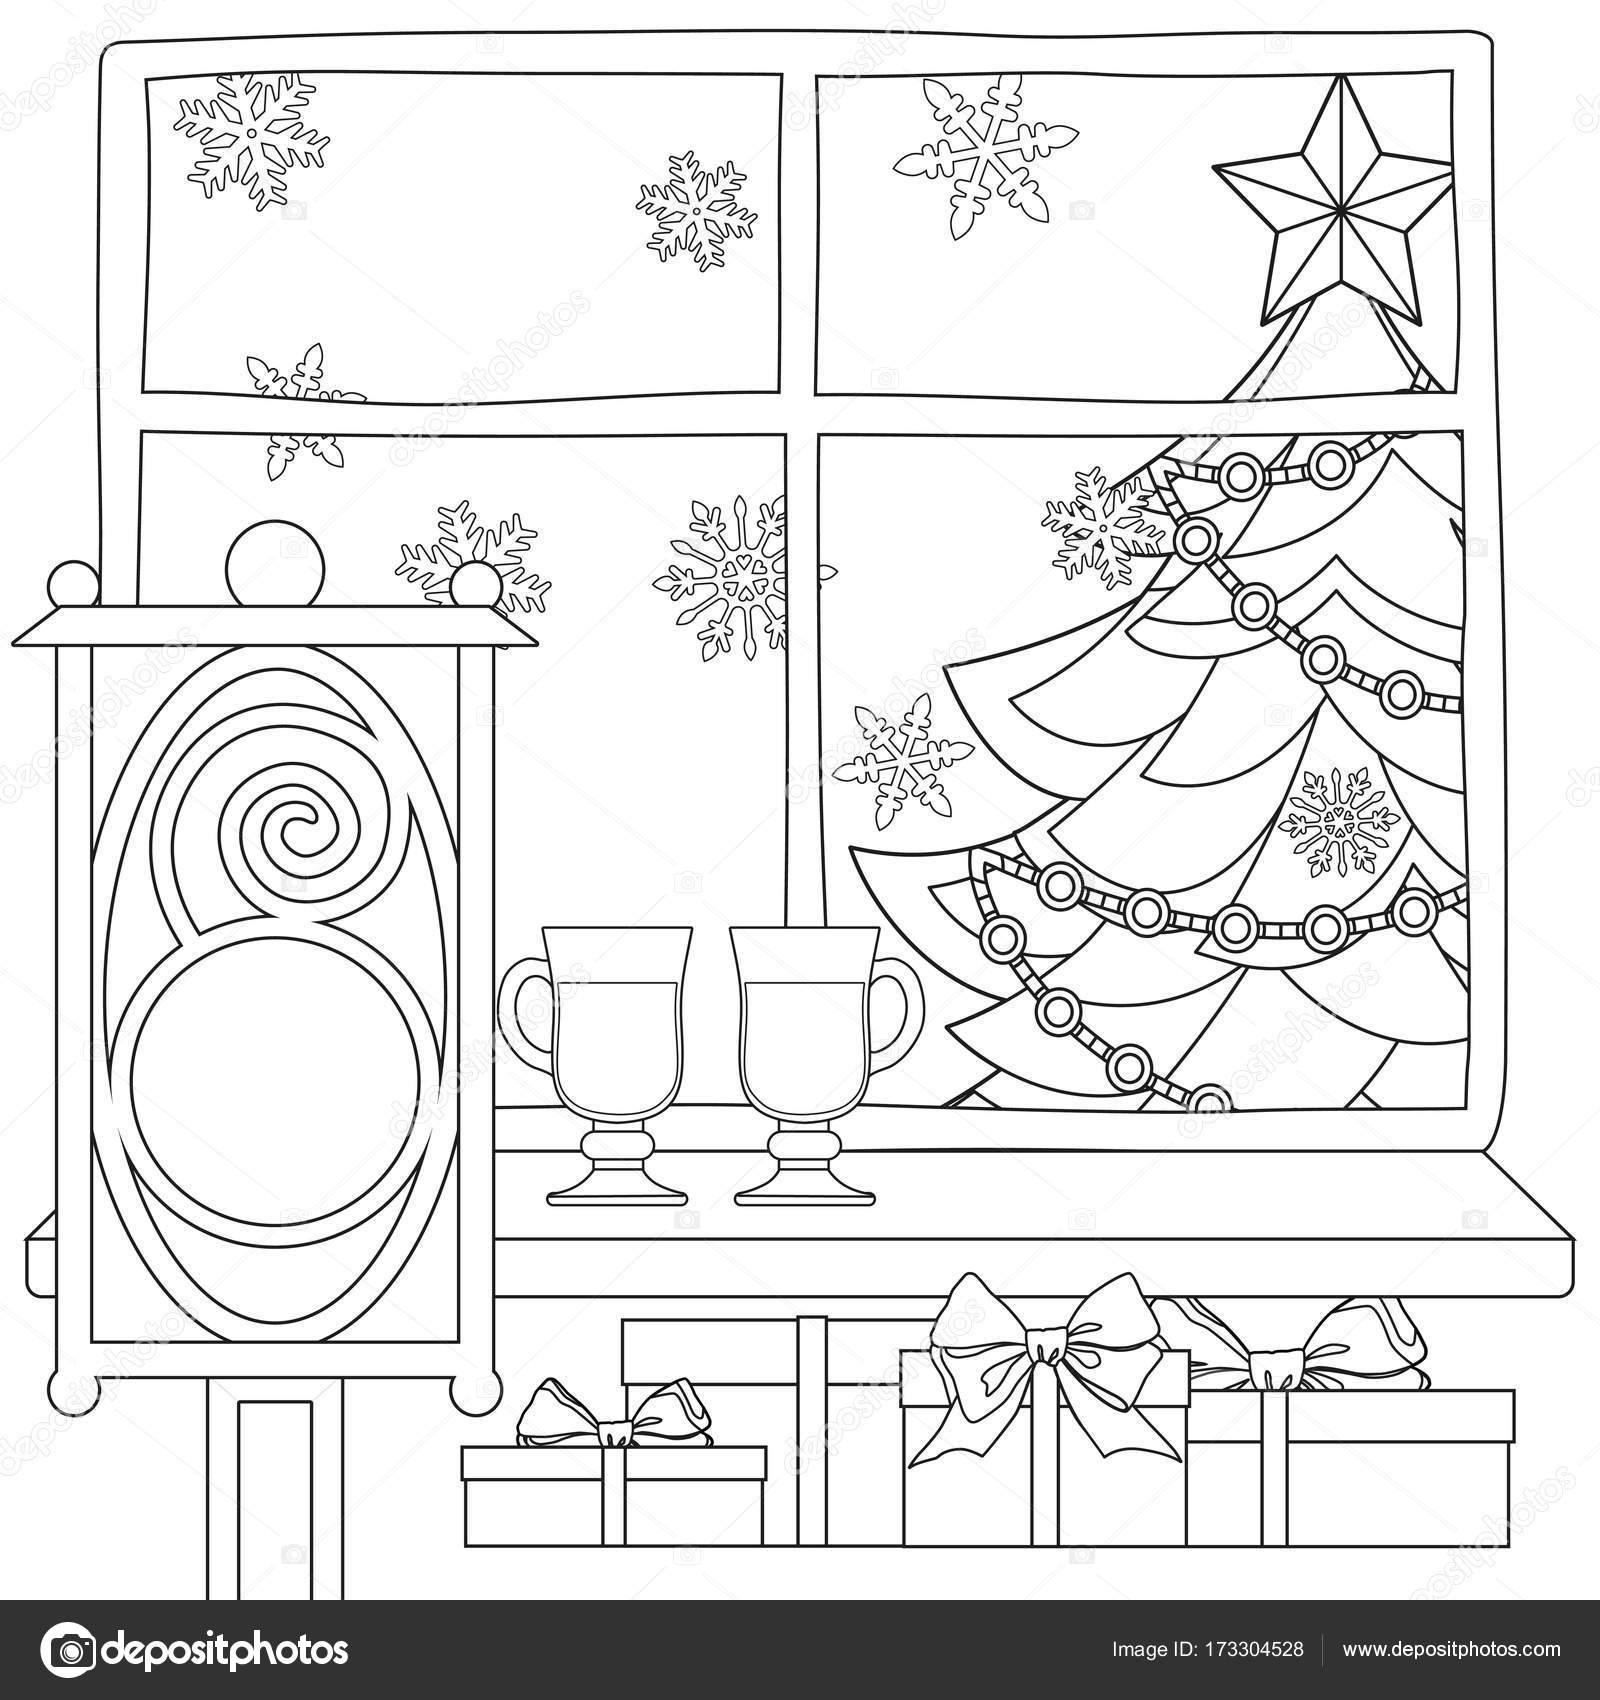 Xmas Thema Plakat mit Weihnachtsbaum, Stern, Kranz, Licht ...